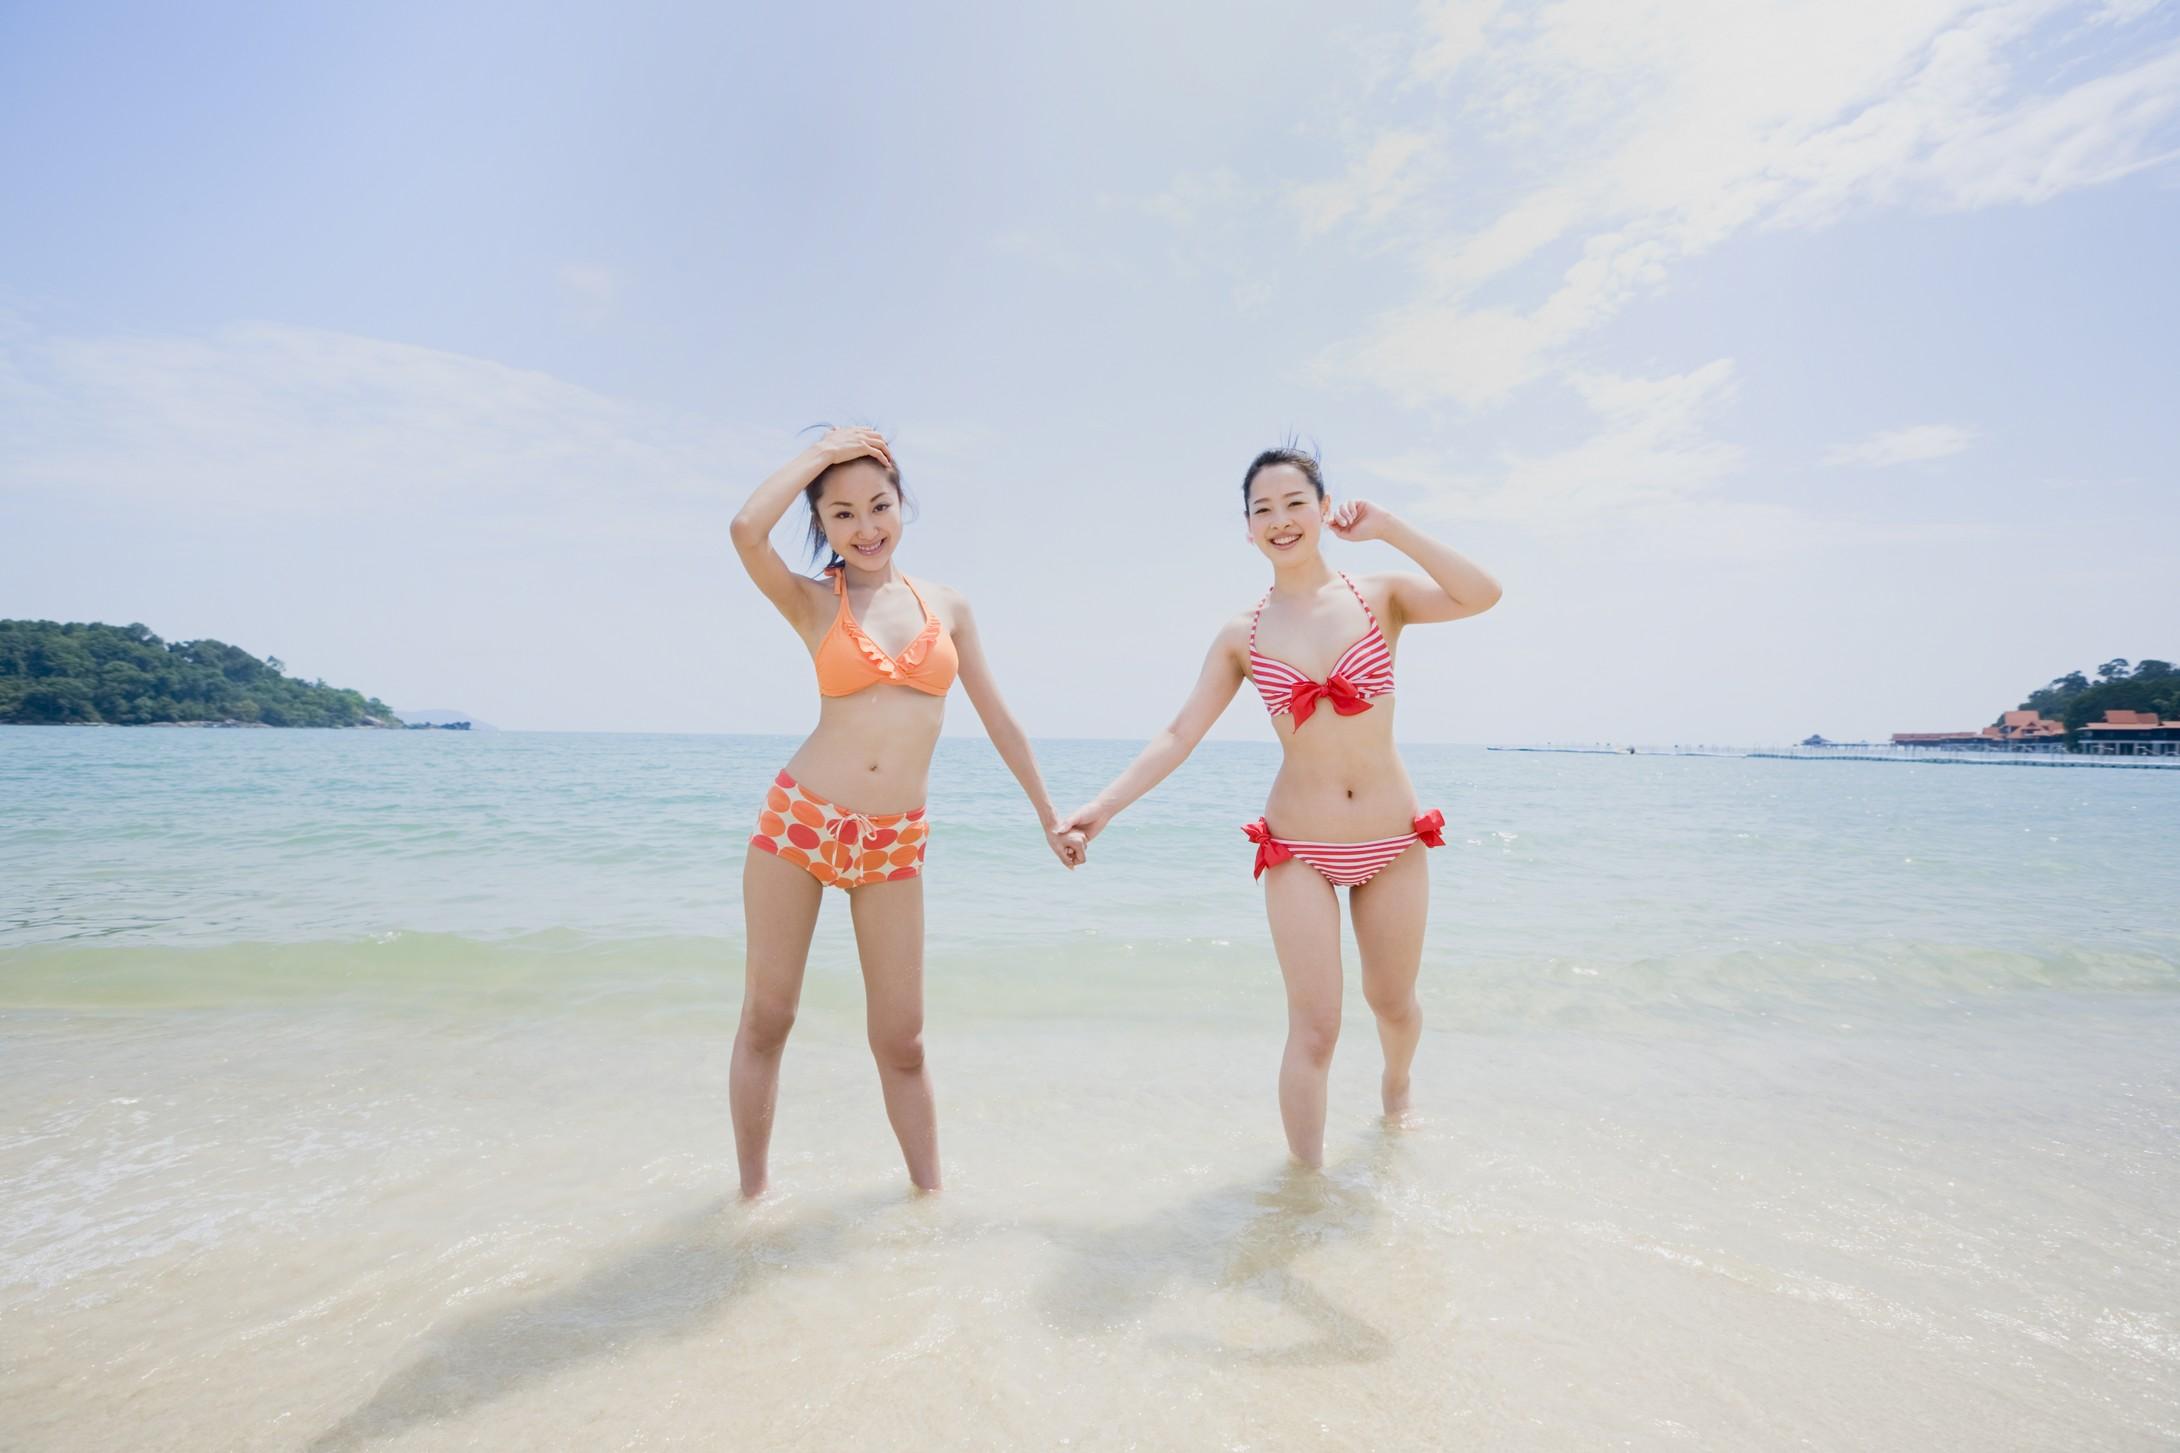 沙滩排球 沙滩美女 沙滩排球美女